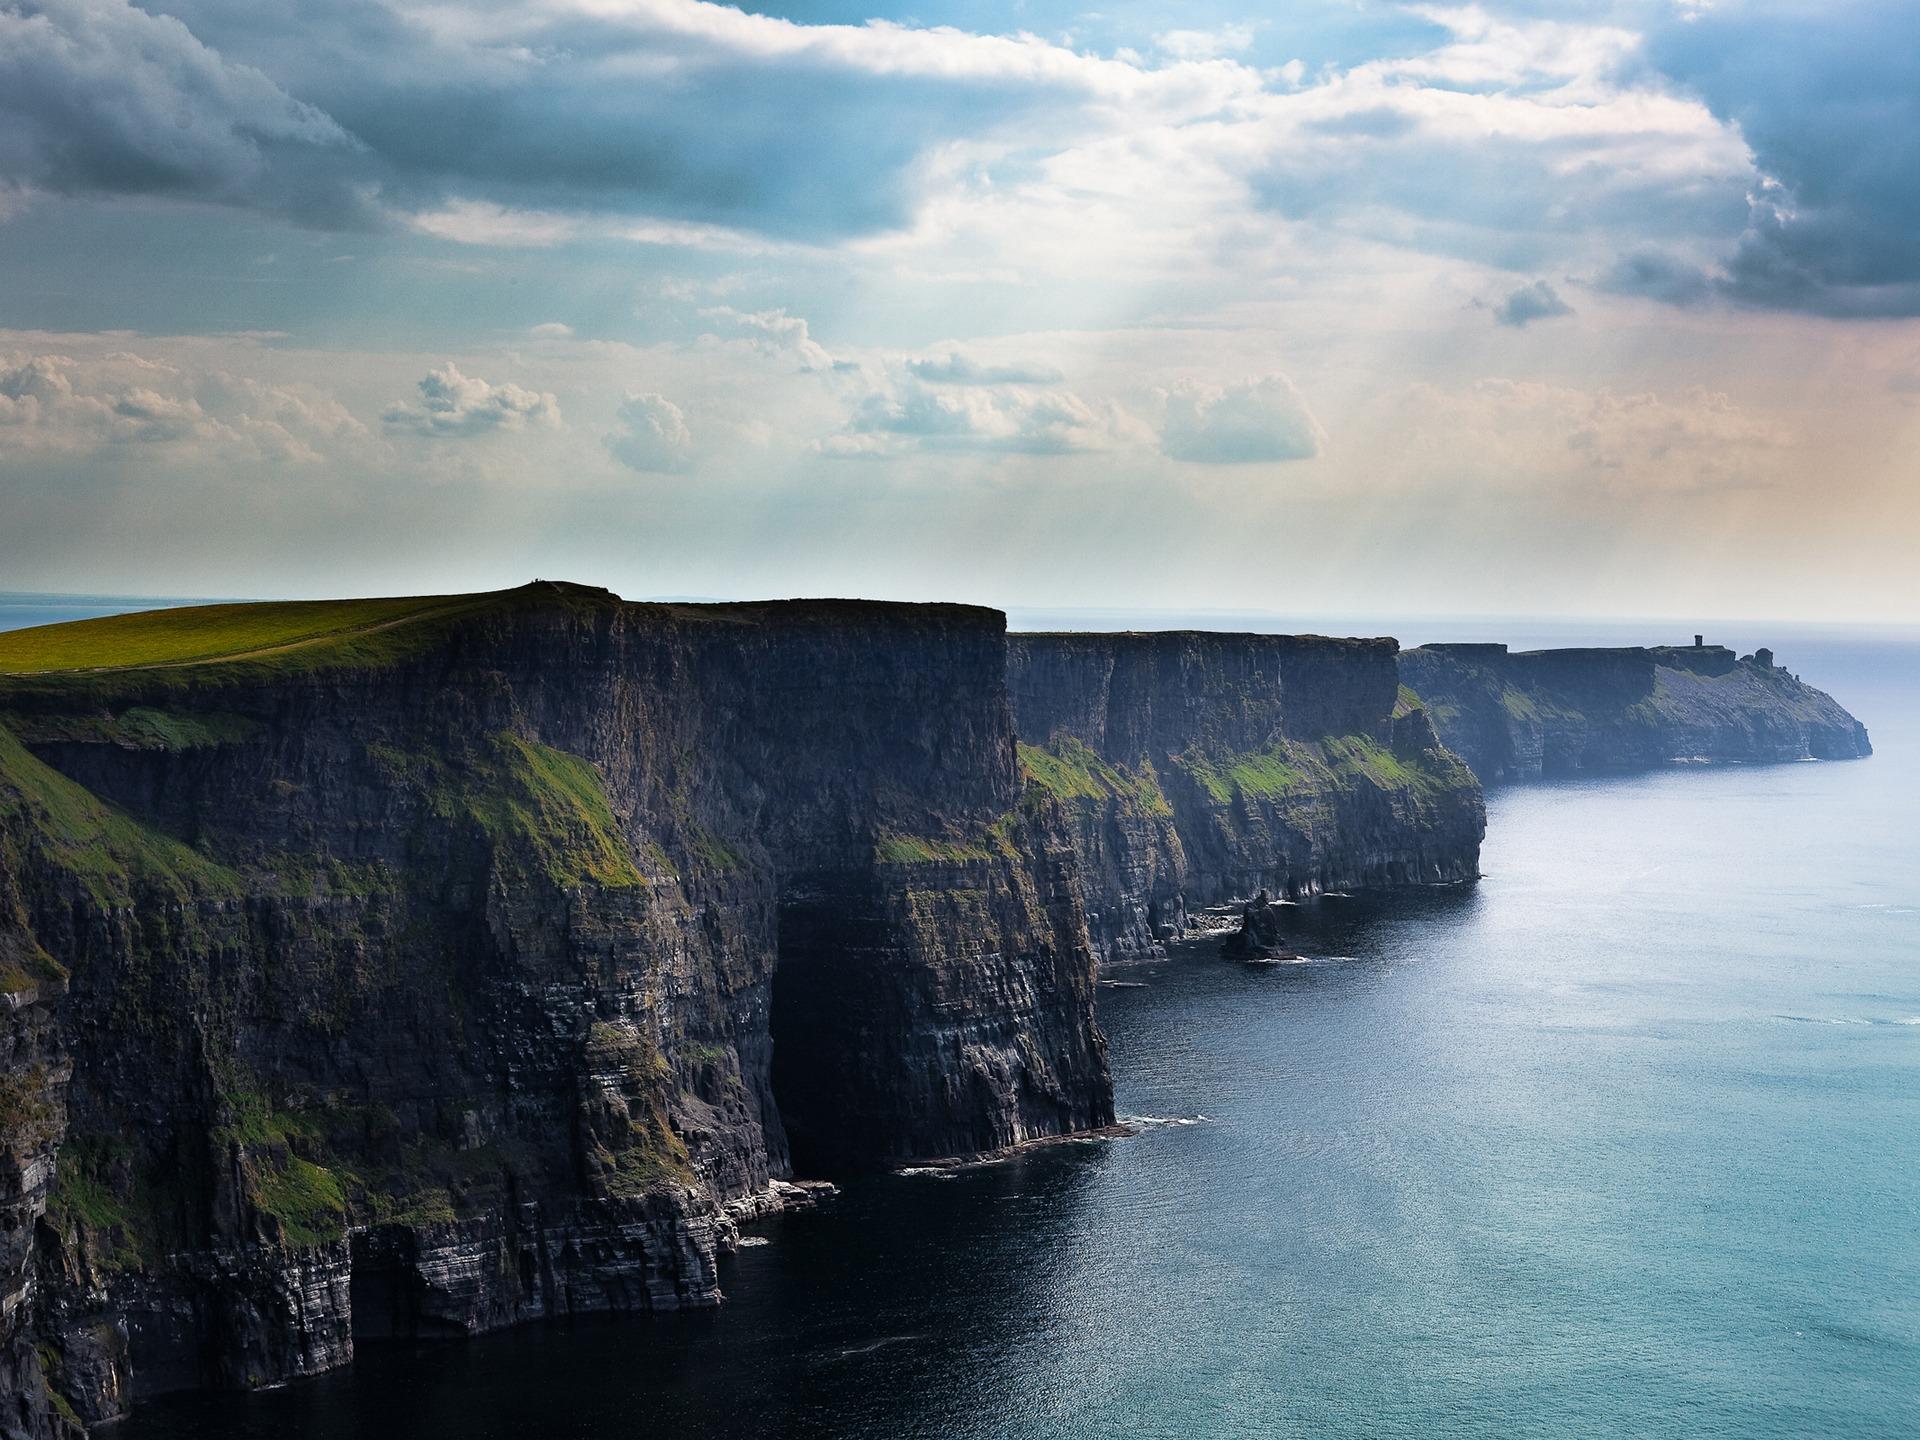 Los famosos Acantilados de Moher en Irlanda. Fuente Fondos10.net